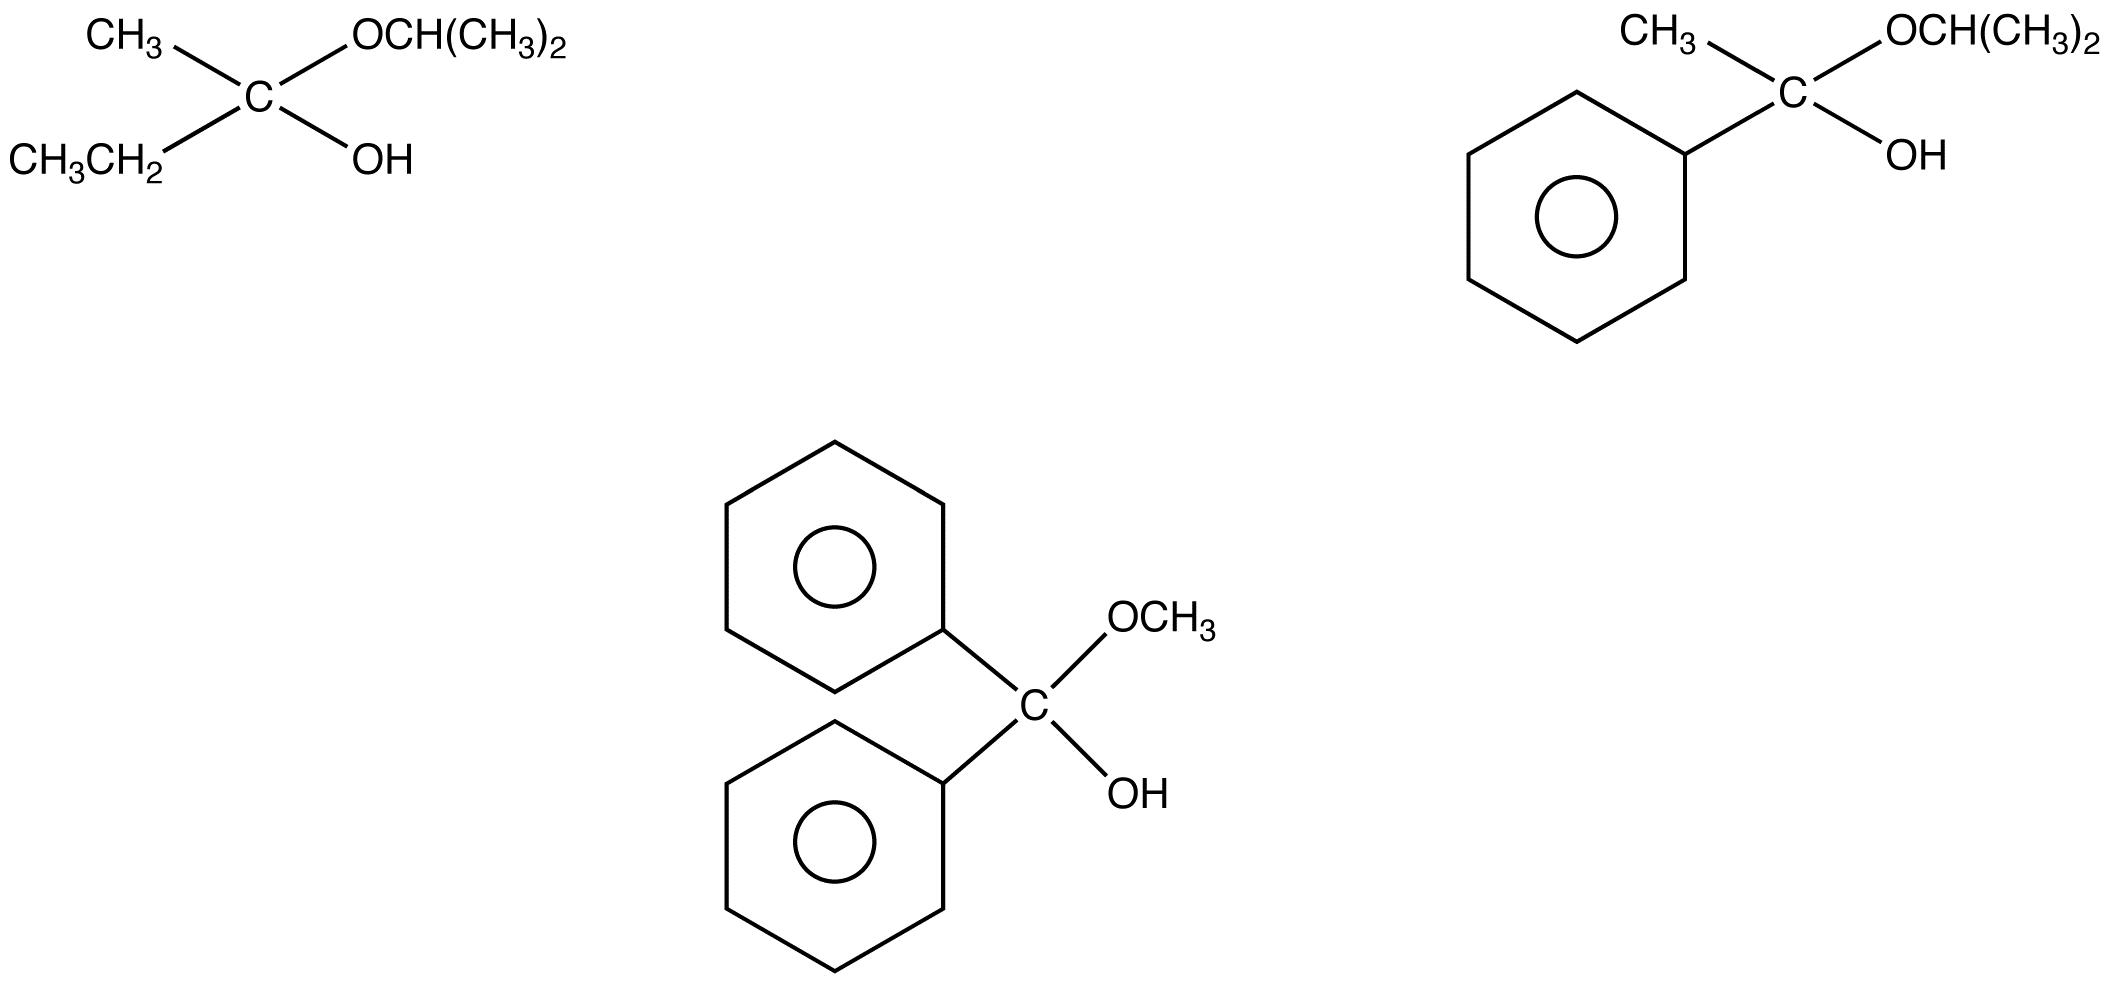 Hemiketal Ochempal